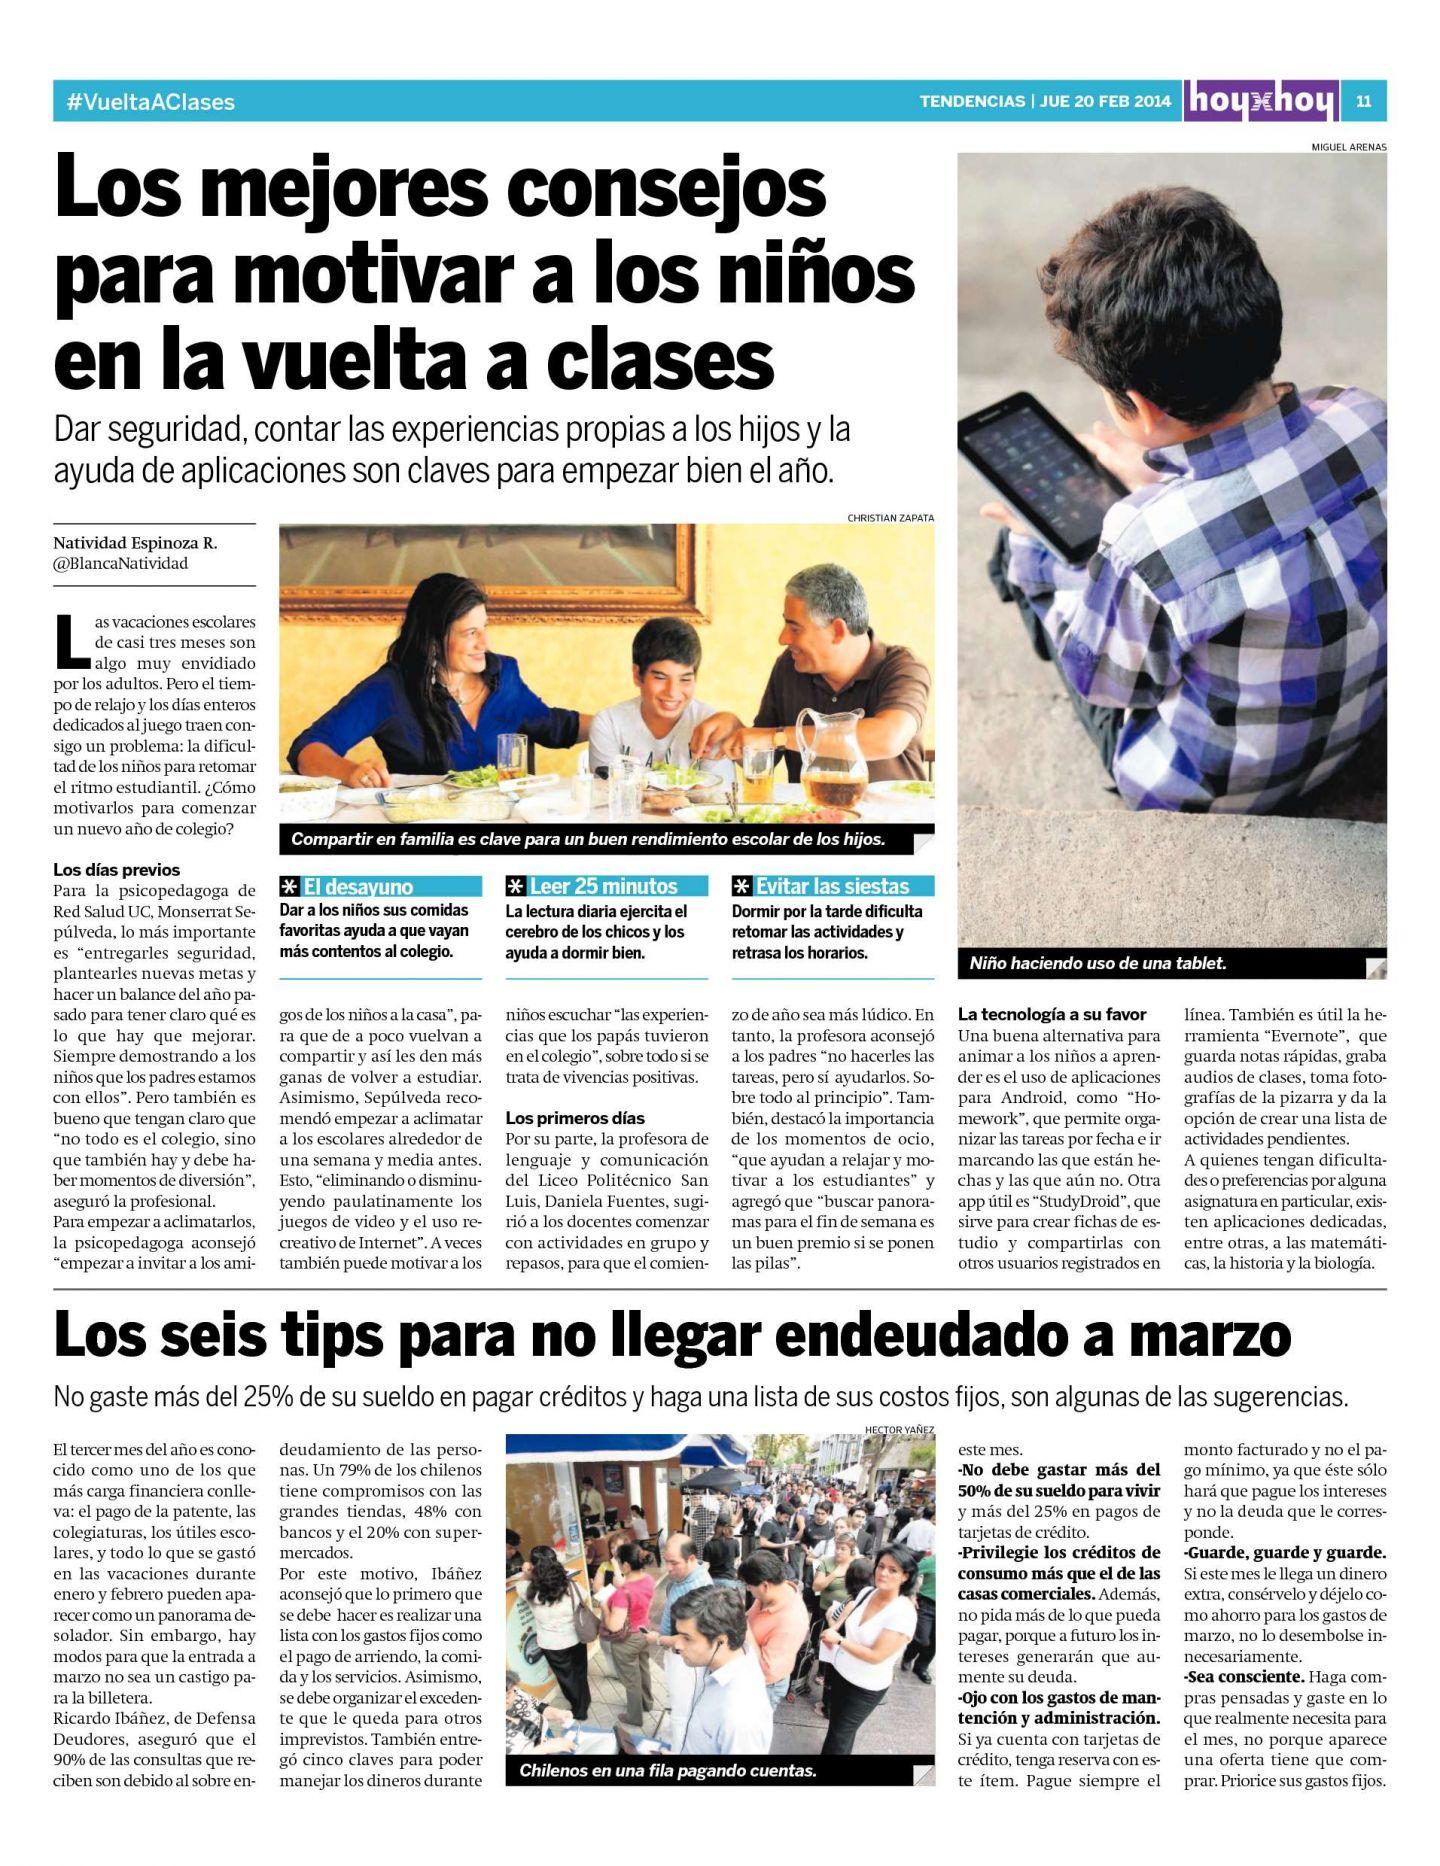 e9c4bc25b Página 11 | hoyxhoy.cl - HoyxHoy, el diario que no tiene precio - Santiago,  Chile - 20.02.2014